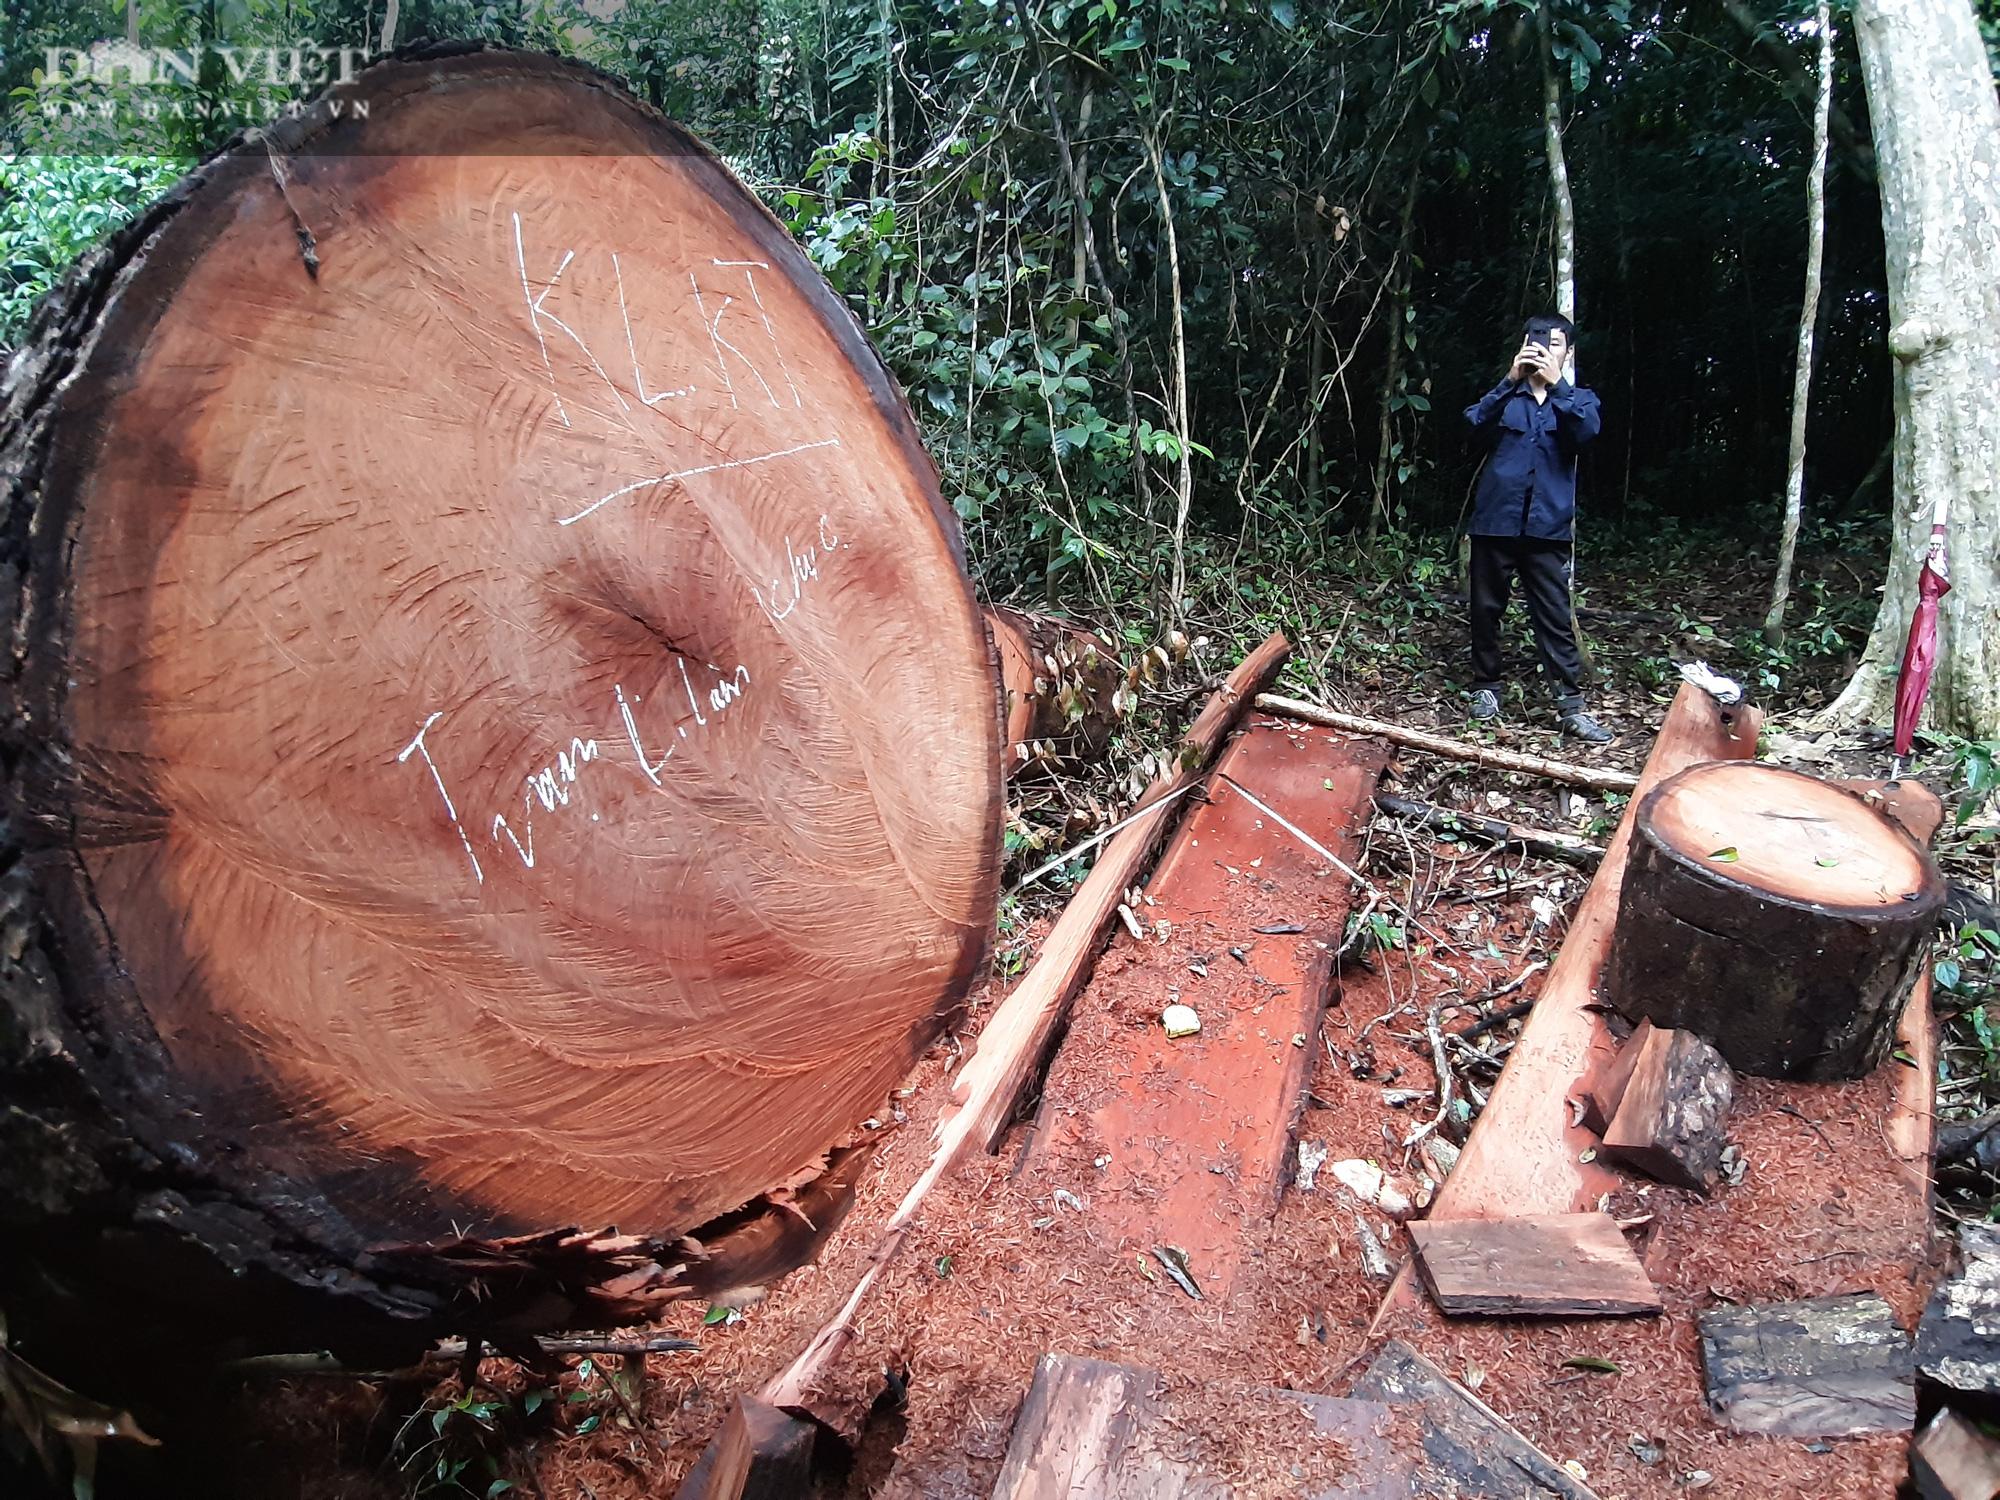 Cục Kiểm lâm đề kiểm tra, xử lý tình trạng phá rừng nghiến sau loạt bài phản ánh của Dân Việt - Ảnh 2.